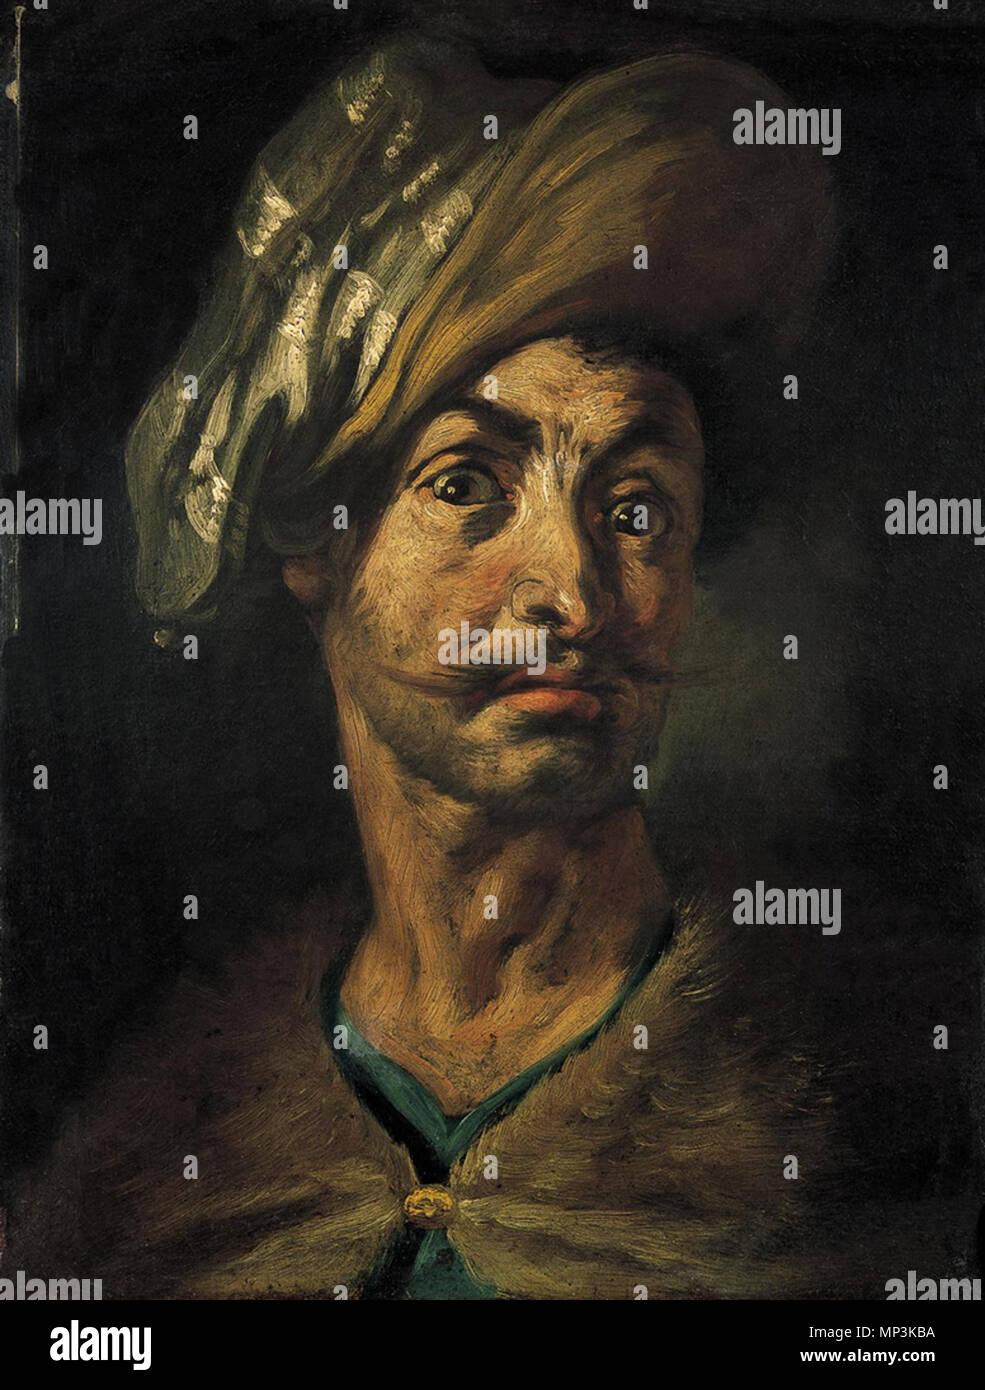 . Italiano: Testa virili con turbante . tra 1615 e 1630. Tanzio da Varallo - collezione privata 1166 Testa virili con turbante - Tanzio da Varallo Immagini Stock